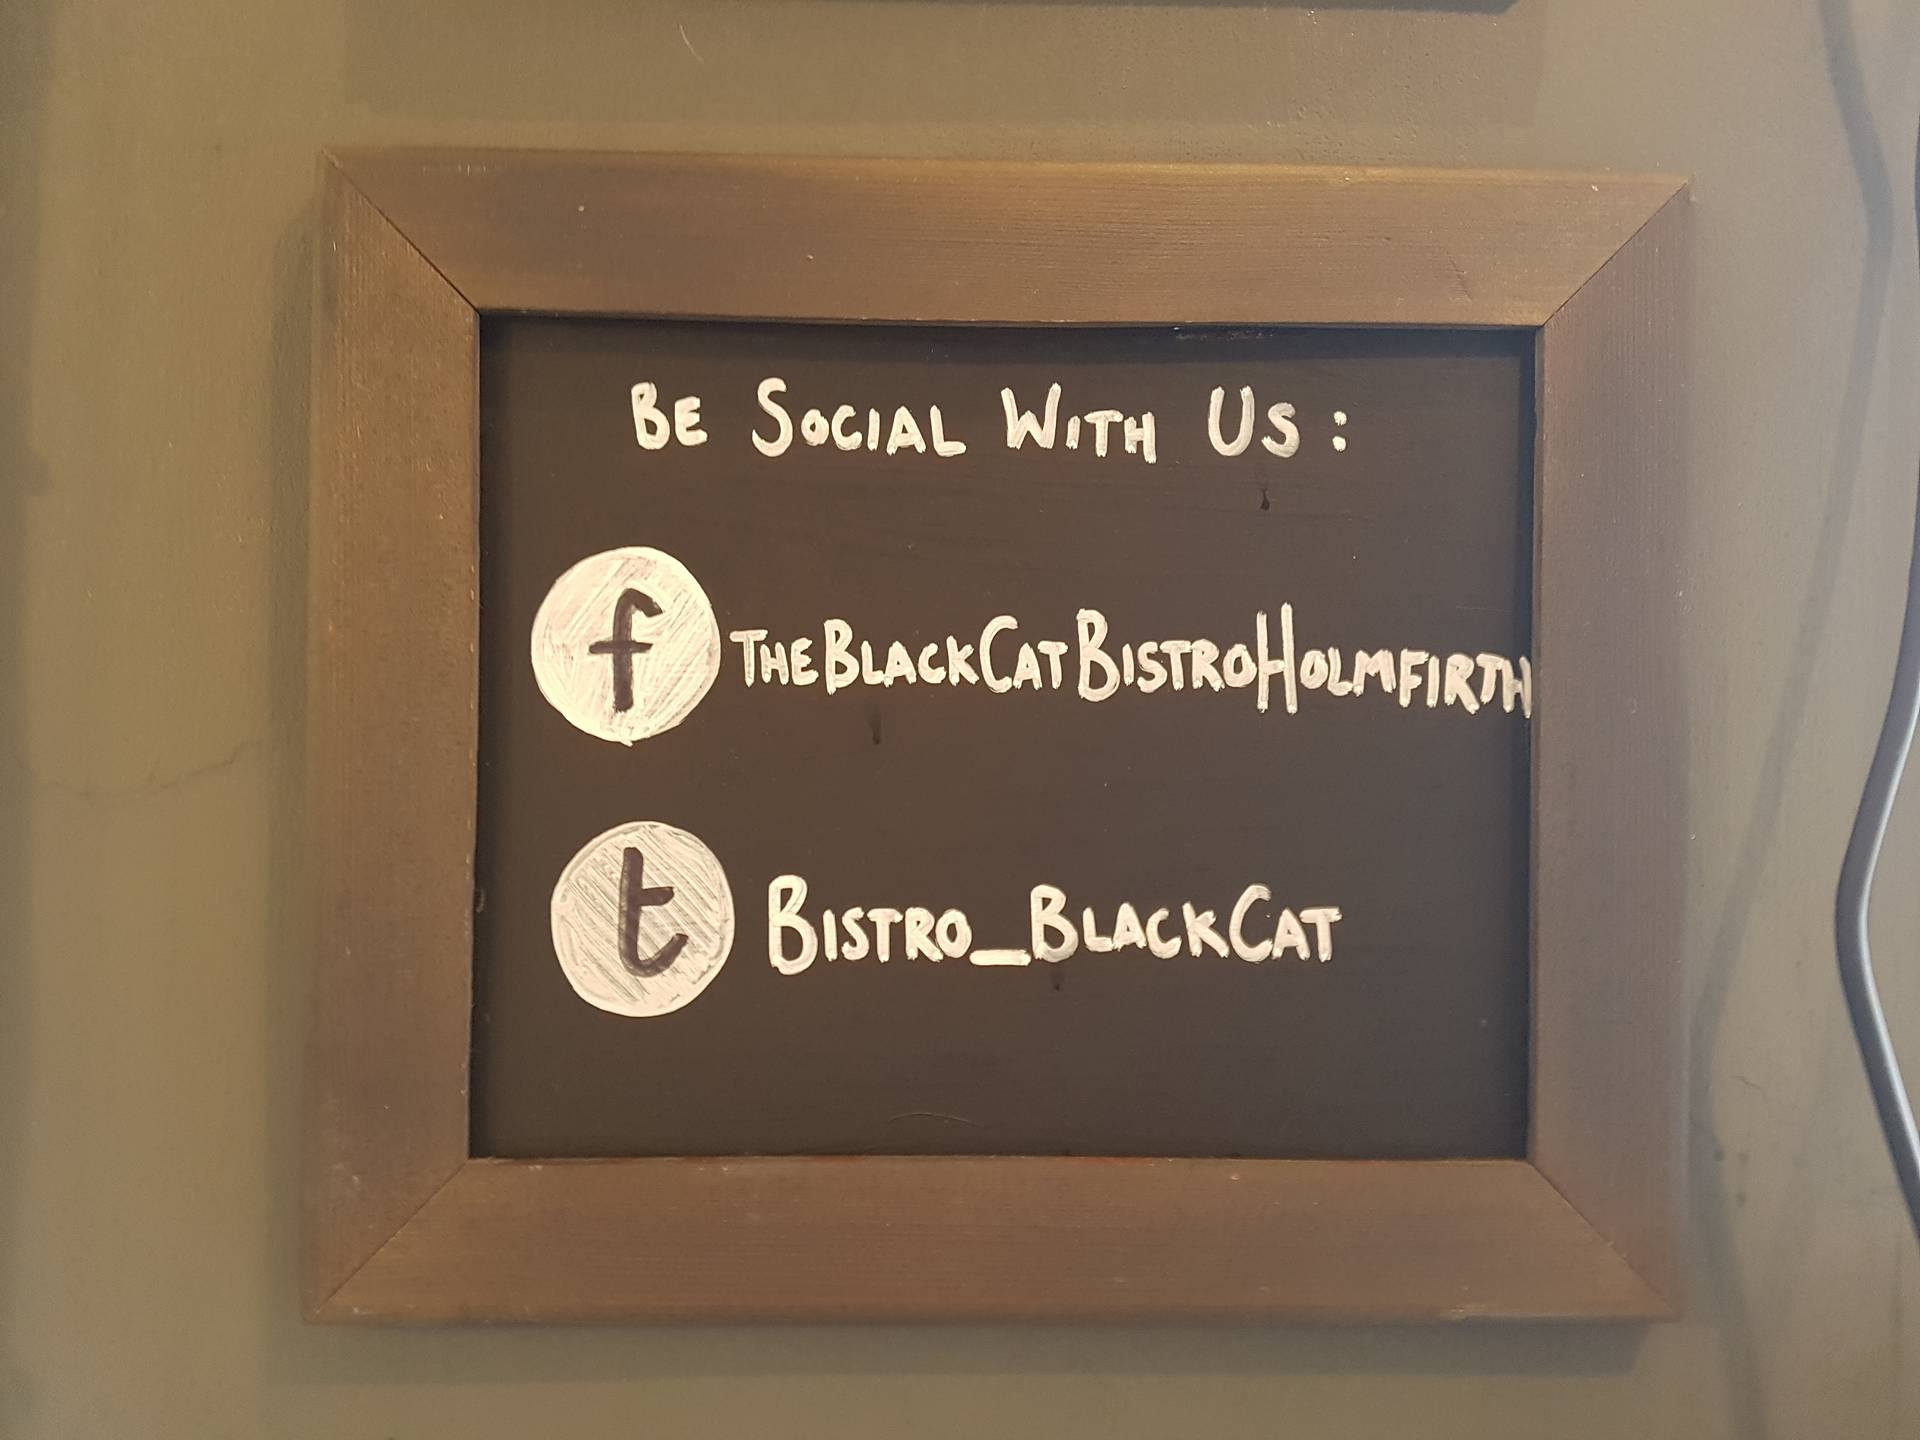 The Black Cat Bistro on Social Media